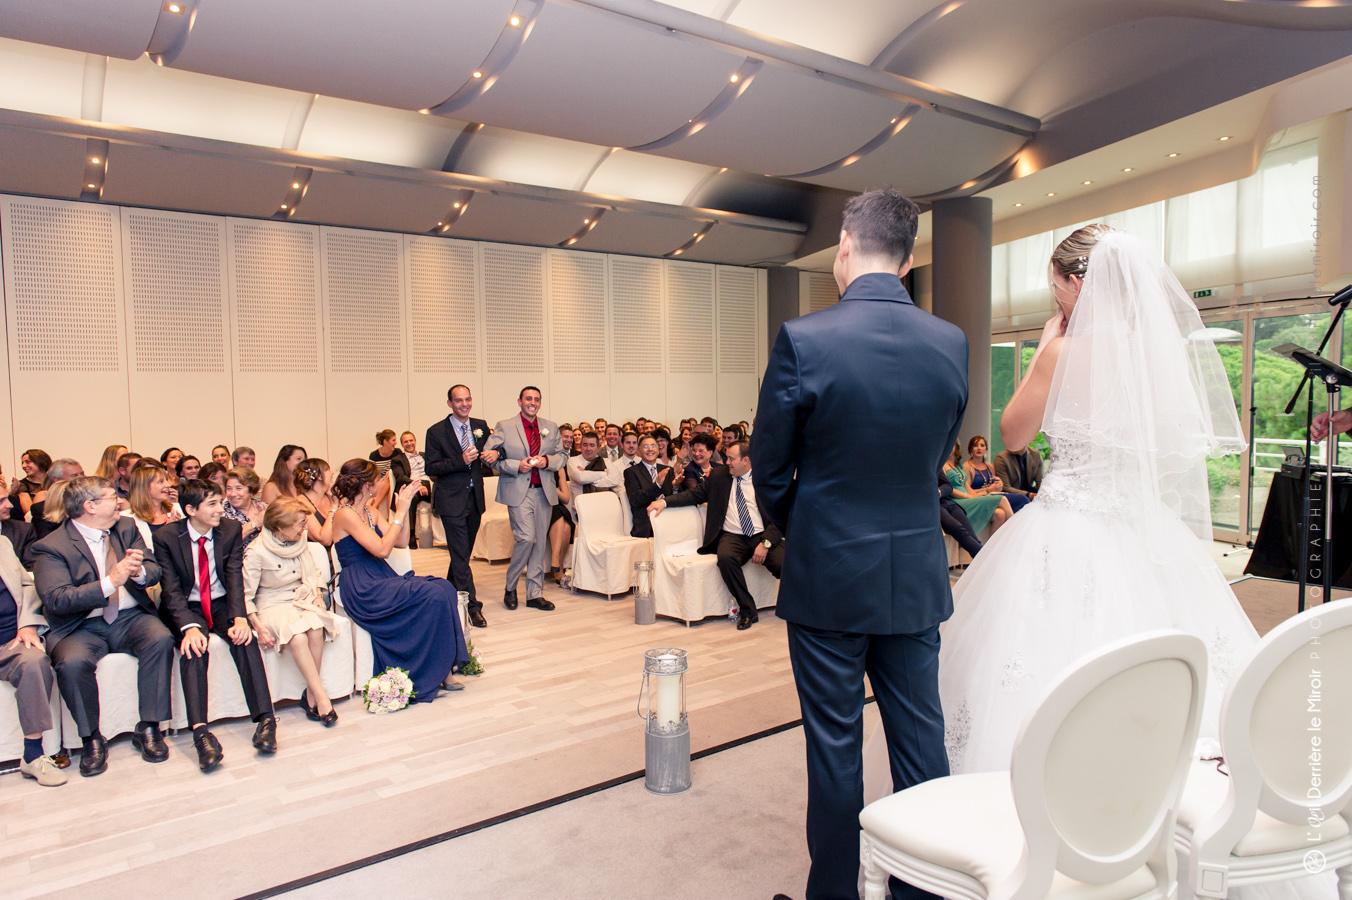 Photographe-mariage-monaco-loeilderrierelemiroir-052